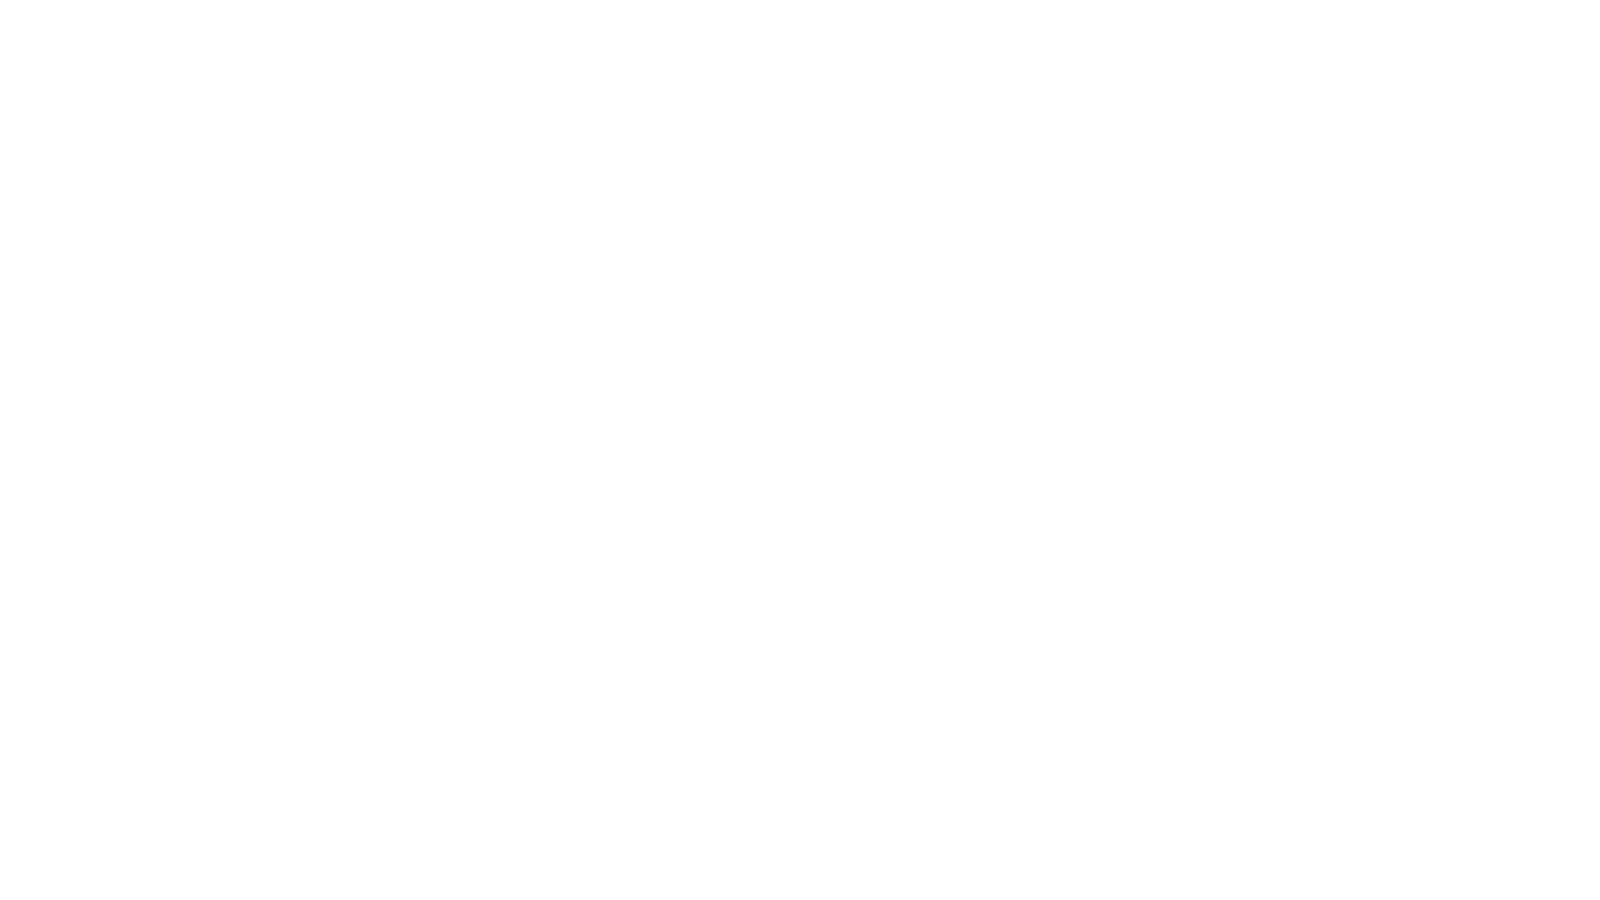 W tym filmie dowiesz się więcej o nowej komendantce naszego hufca hm. Ewie Polaszewskiej.  Występował : Jakub Murawski, Ewa Polaszewska Montaż : Kacper Klesse   Zajrzyj na naszego Facebooka: https://www.facebook.com/HufiecGniezno  Obserwuj nas na Insta! https://instagram.com/hufiecgniezno/  Odwiedź naszą stronę internetową: https://gniezno.zhp.pl ⟻ tu znajduje się strona o której wspominamy w filmie!  Subskrybuj nasz kanał i kliknij dzwoneczek, aby nie ominęły Cię żadne filmy!